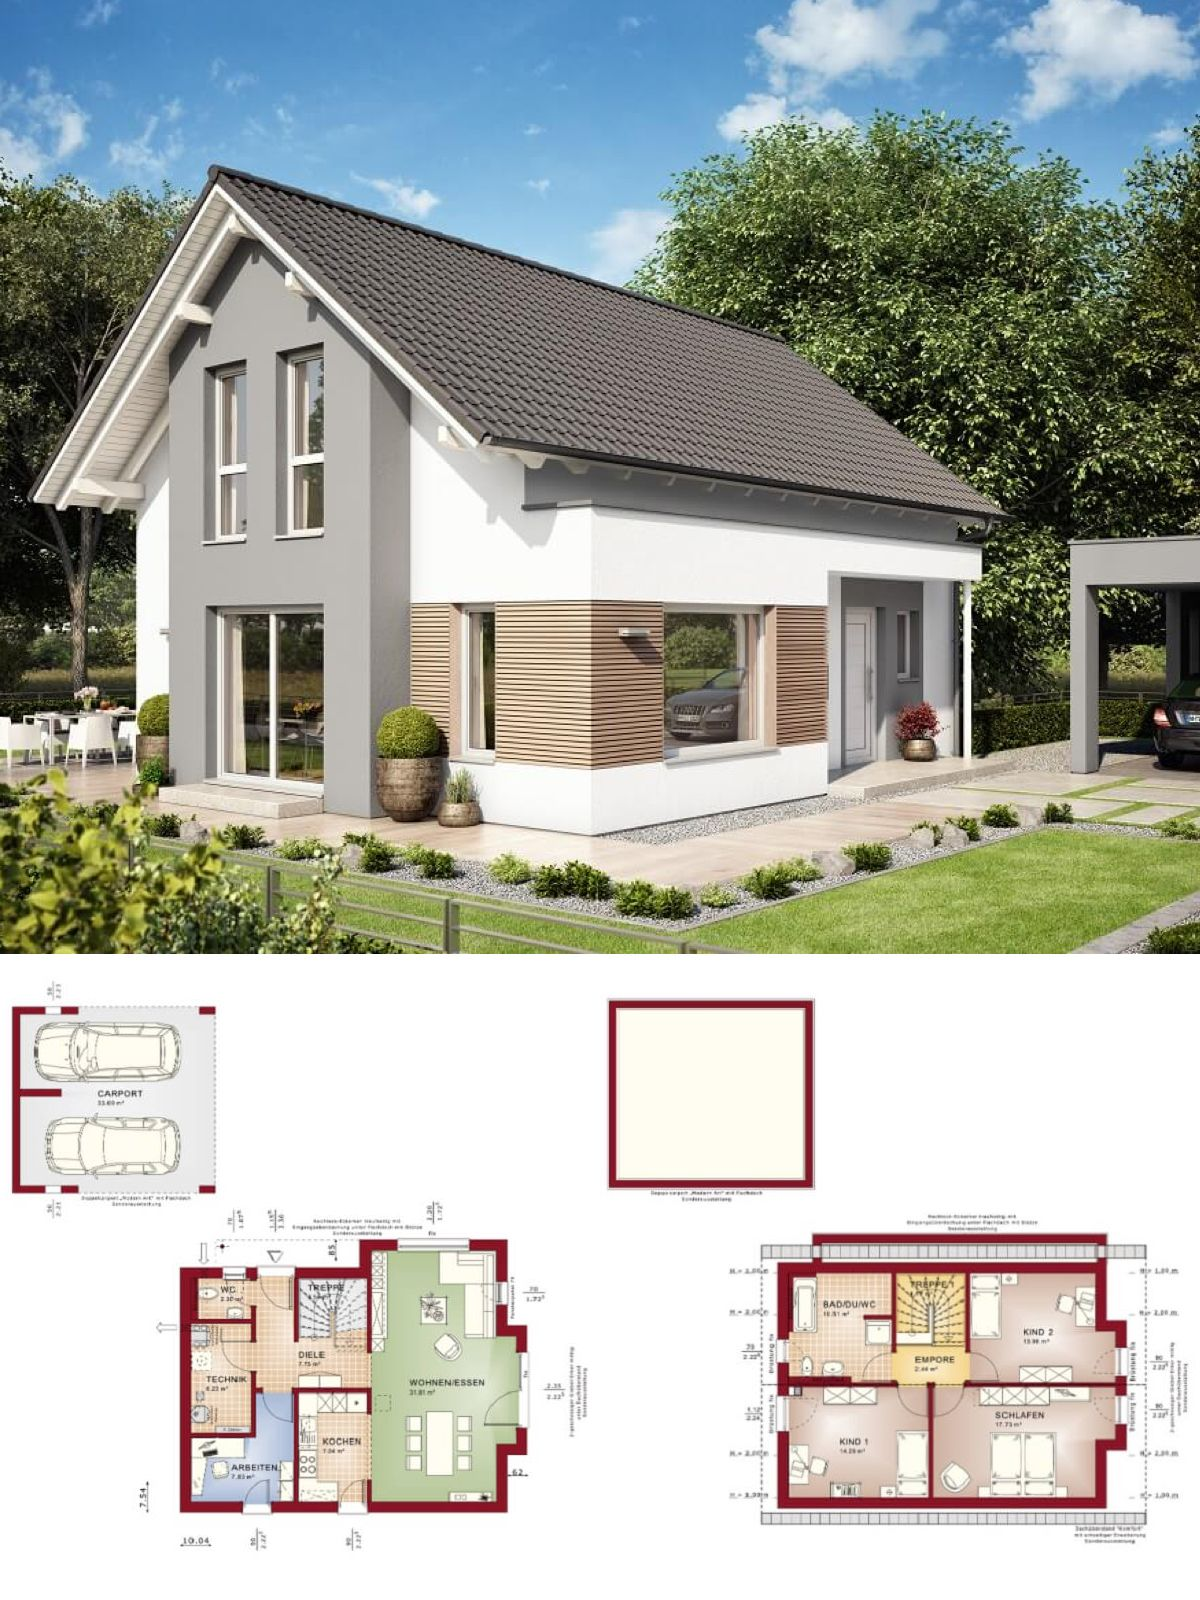 einfamilienhaus architektur klassisch mit satteldach & doppelcarport